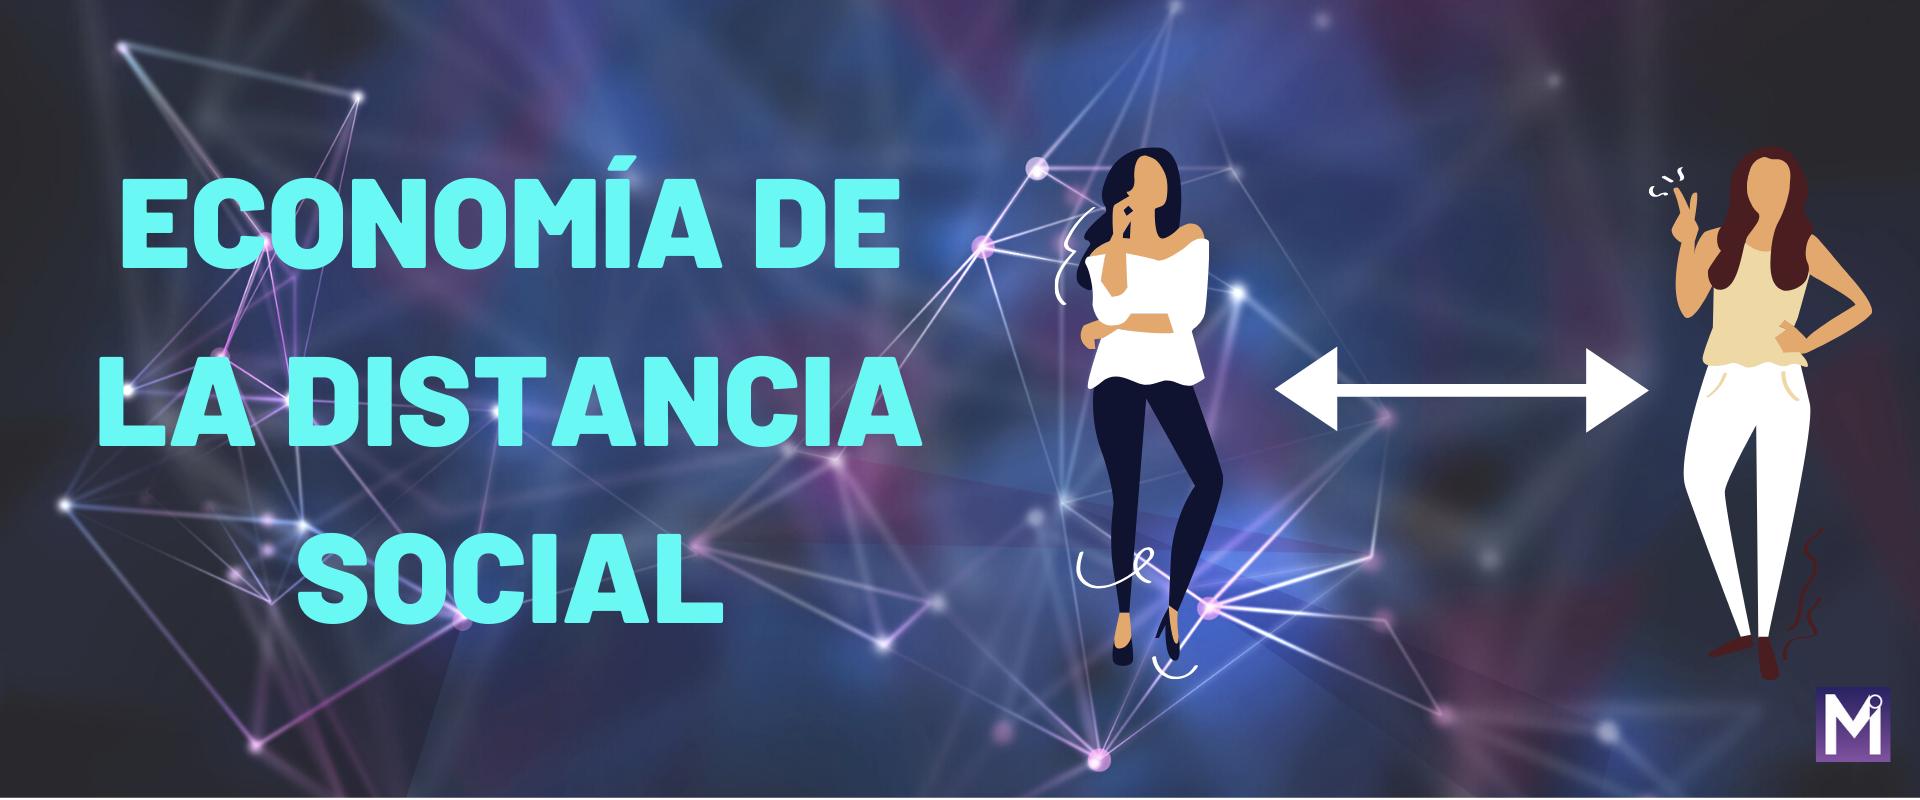 Economía_de_la_distancia_social